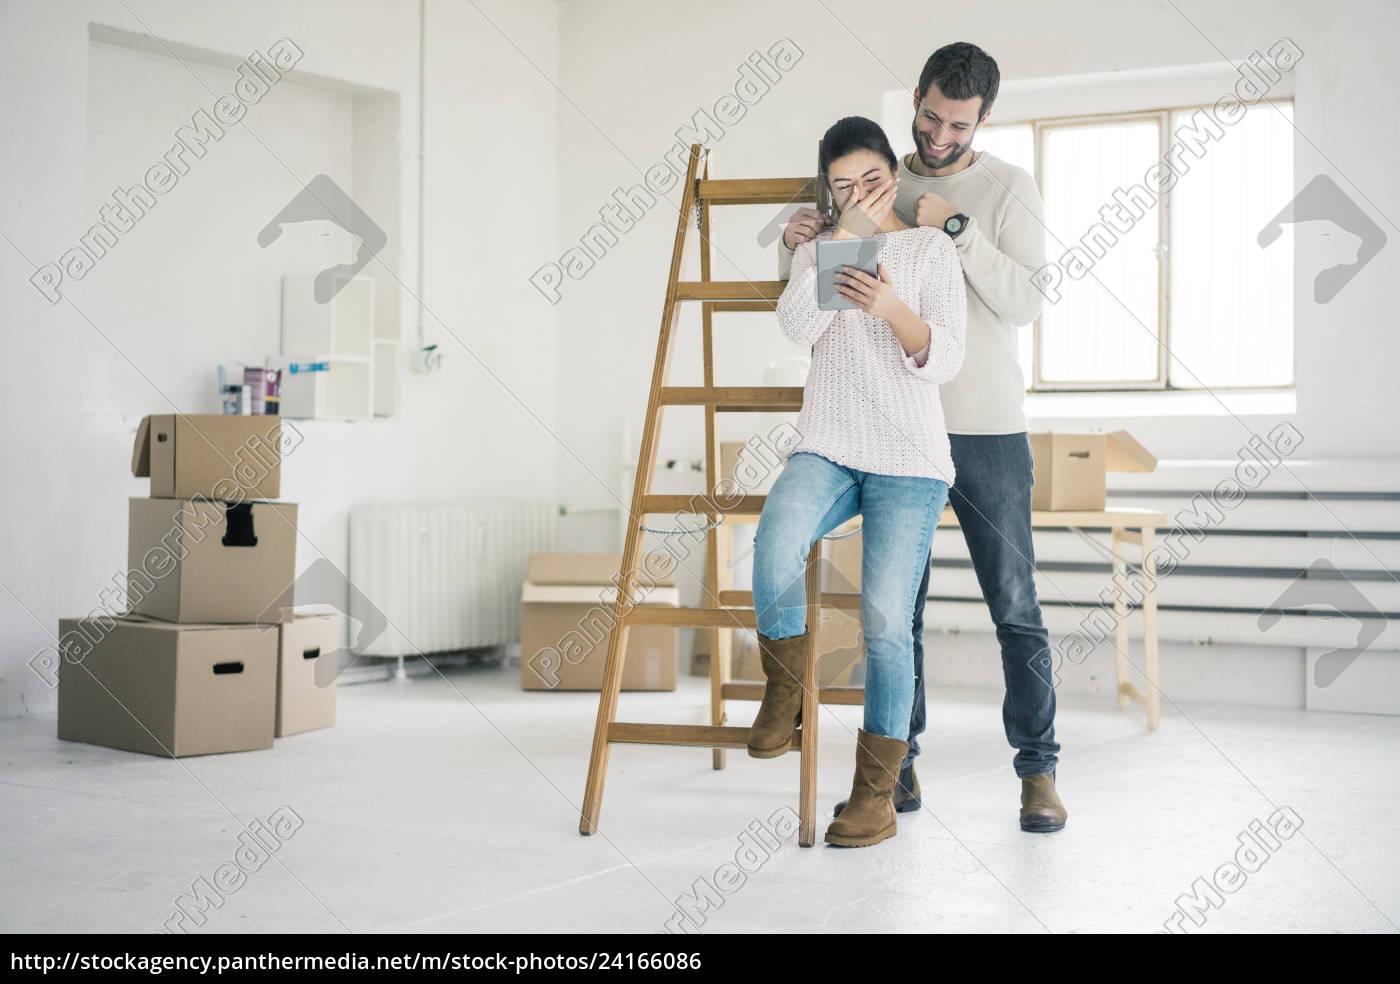 casal, rindo, na, escada, em, nova - 24166086